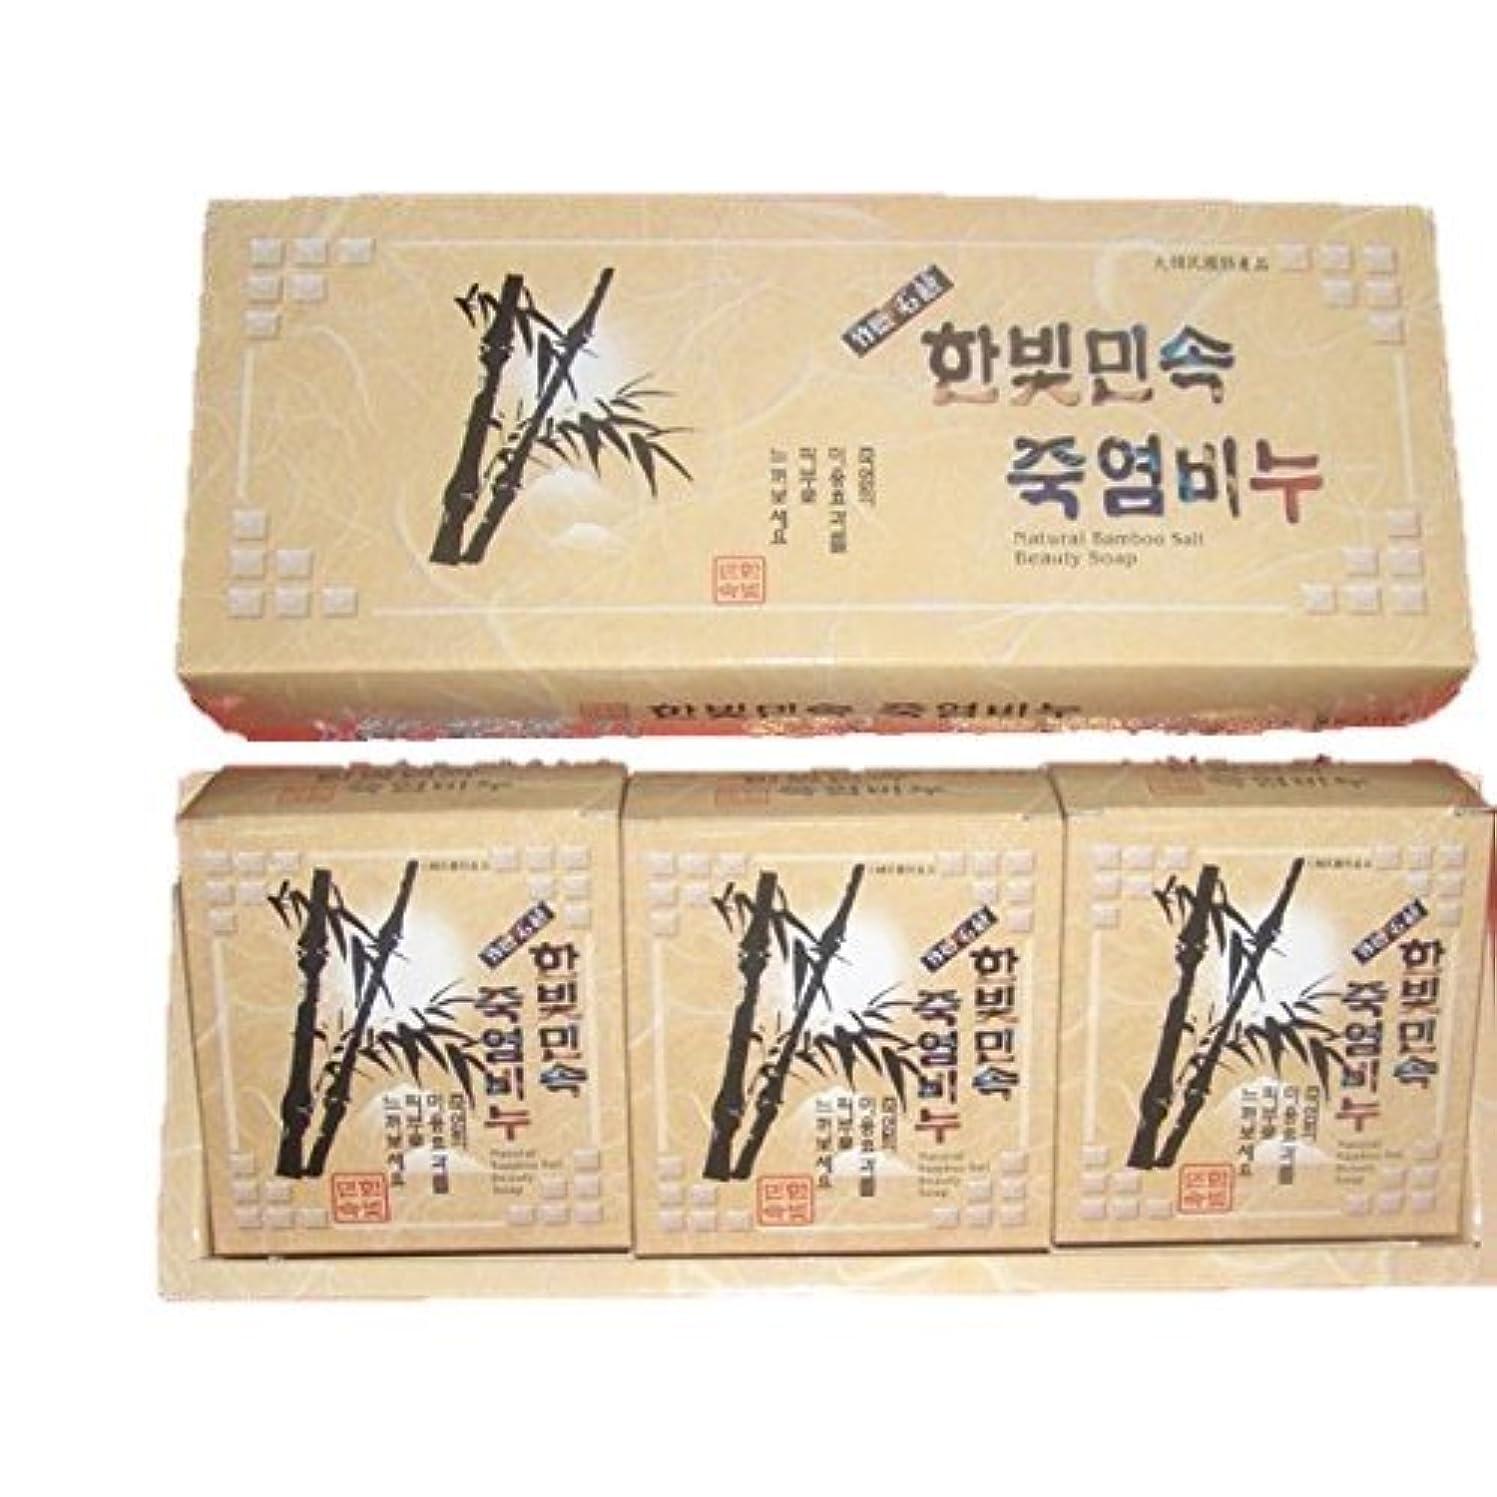 その行列コンプライアンス(韓国ブランド) 竹塩石鹸 (3個×3セット)